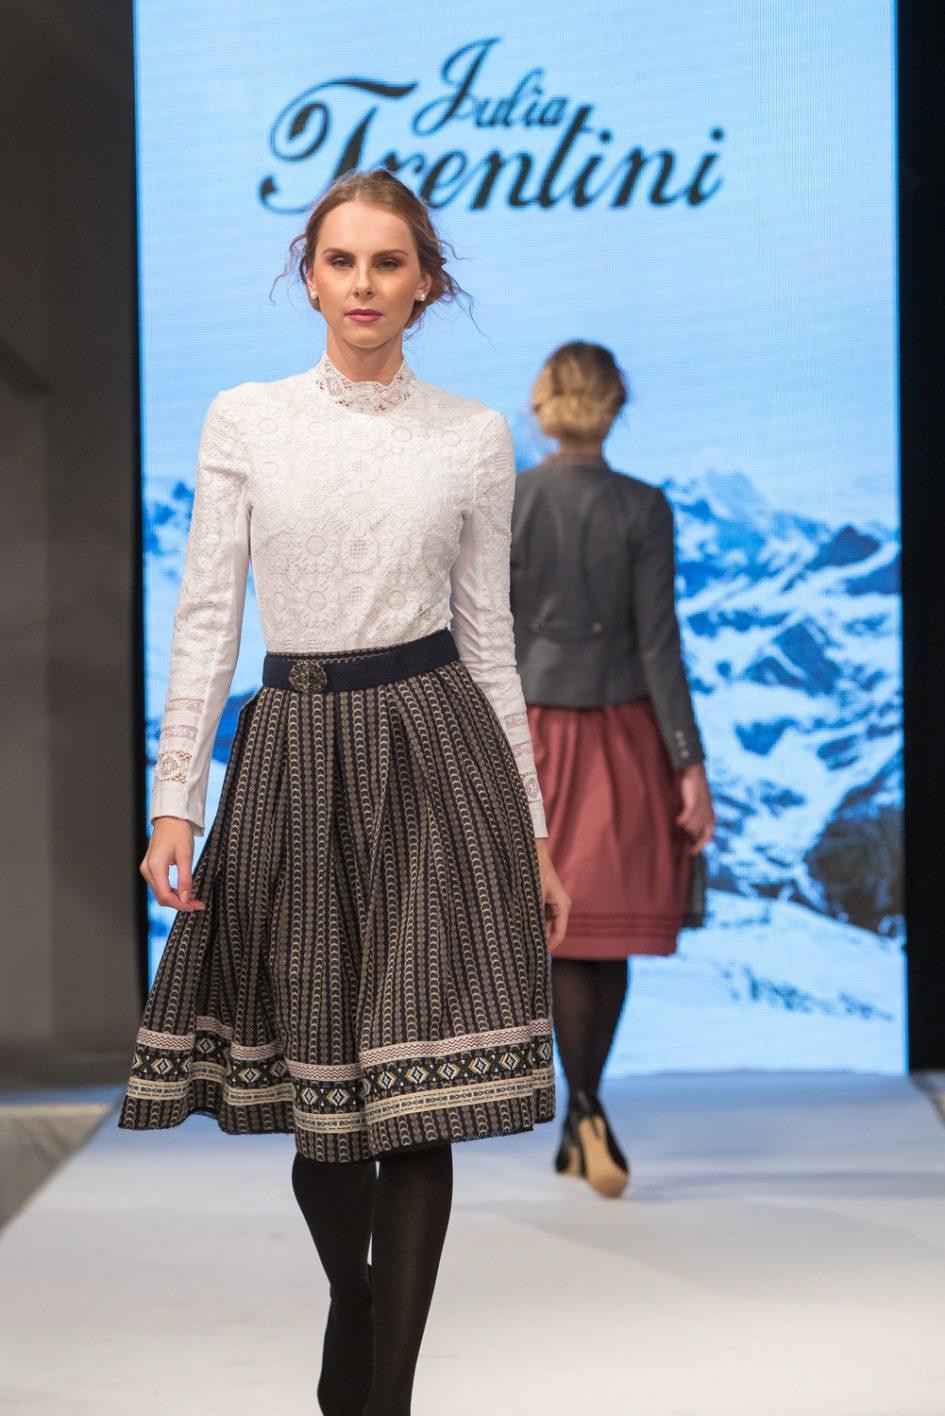 Julia Trentini / Gipfeltreffen 23.01.18 Salzburg